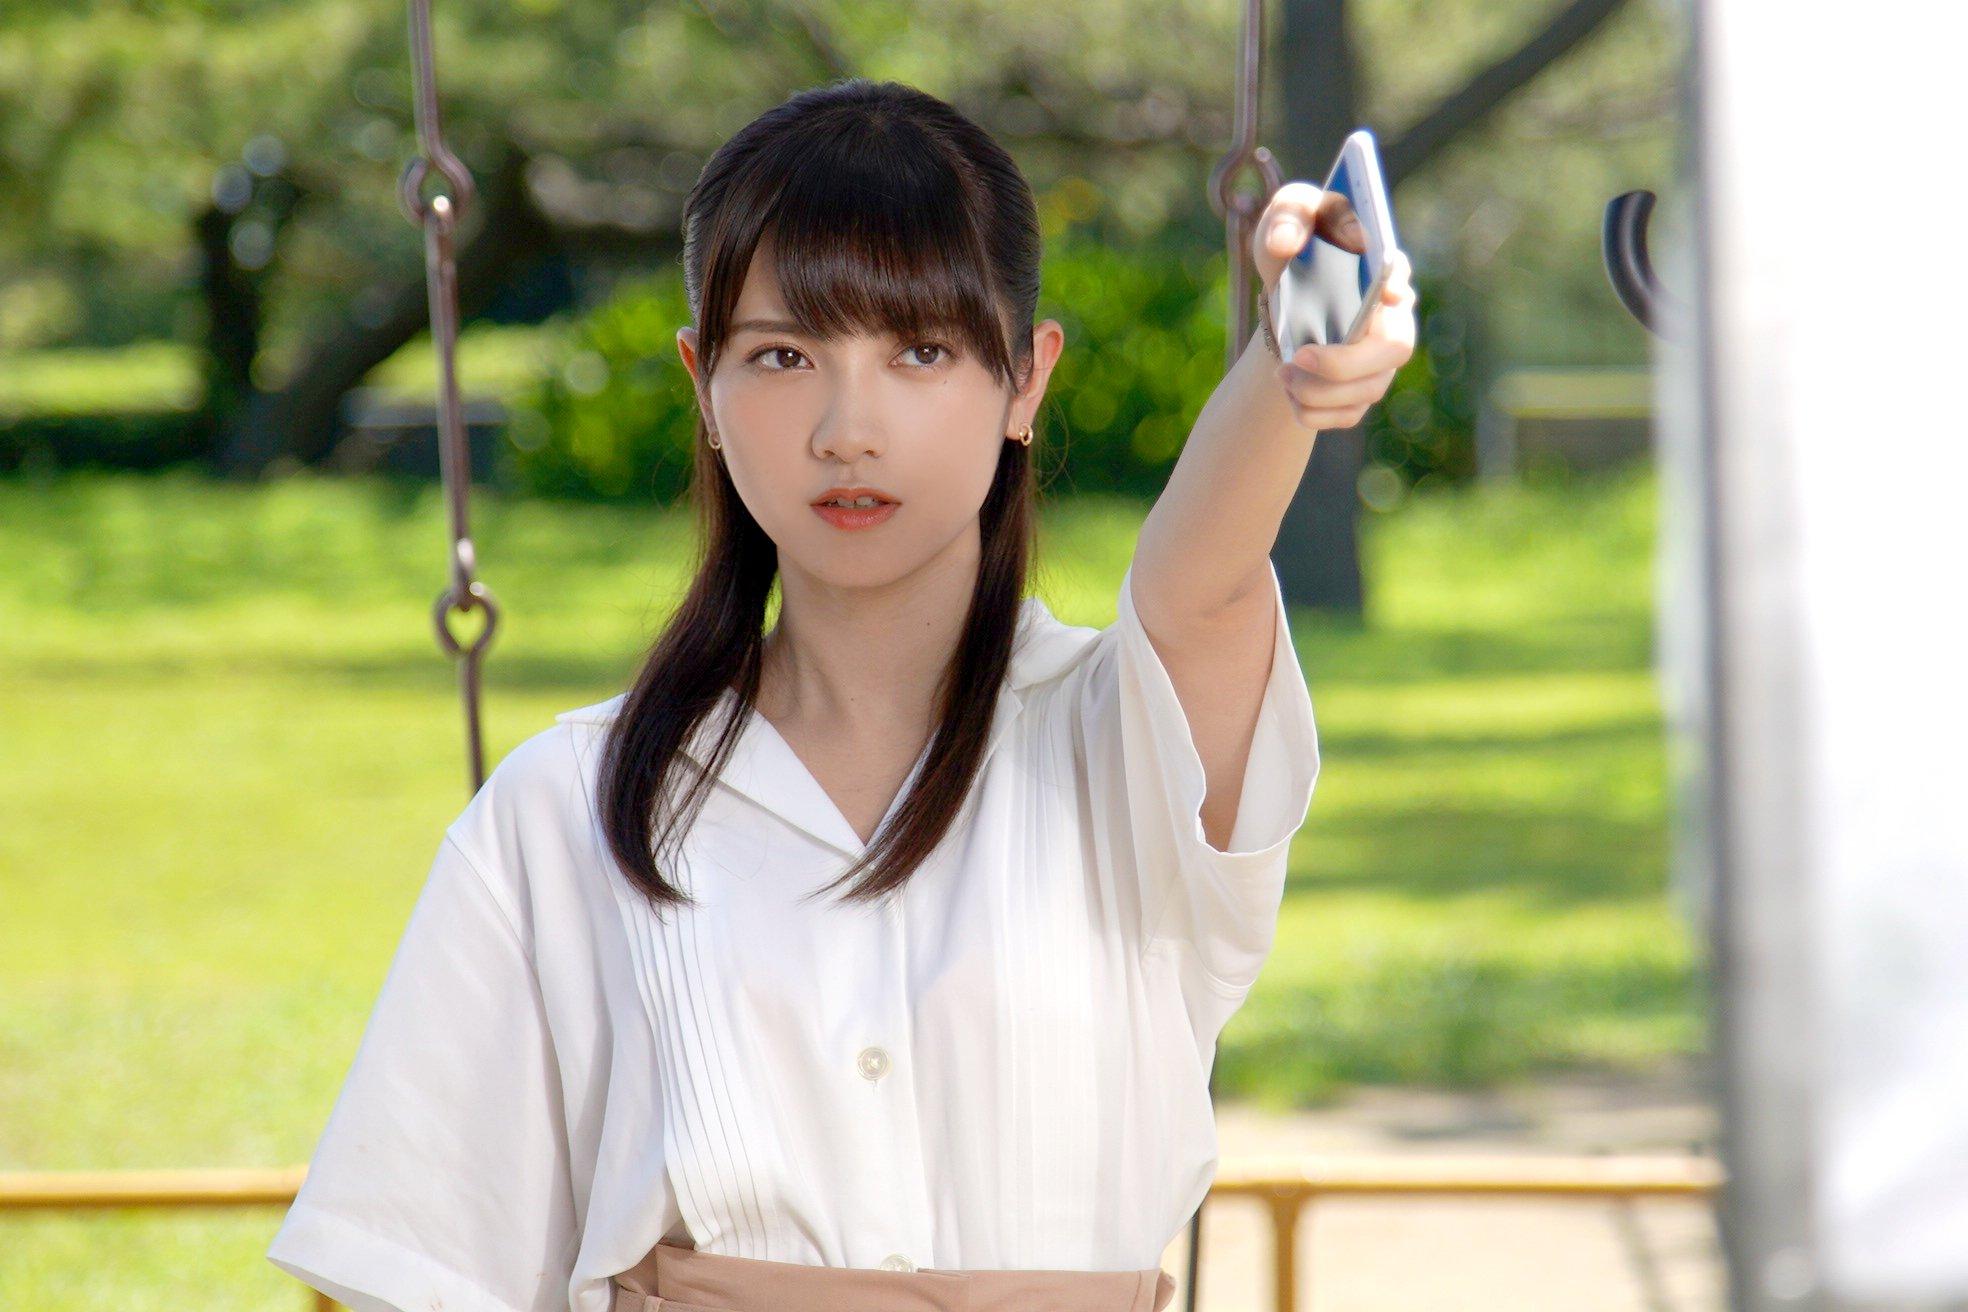 松川菜々花 エロかわいいスレンダーボディのグラビア画像37枚